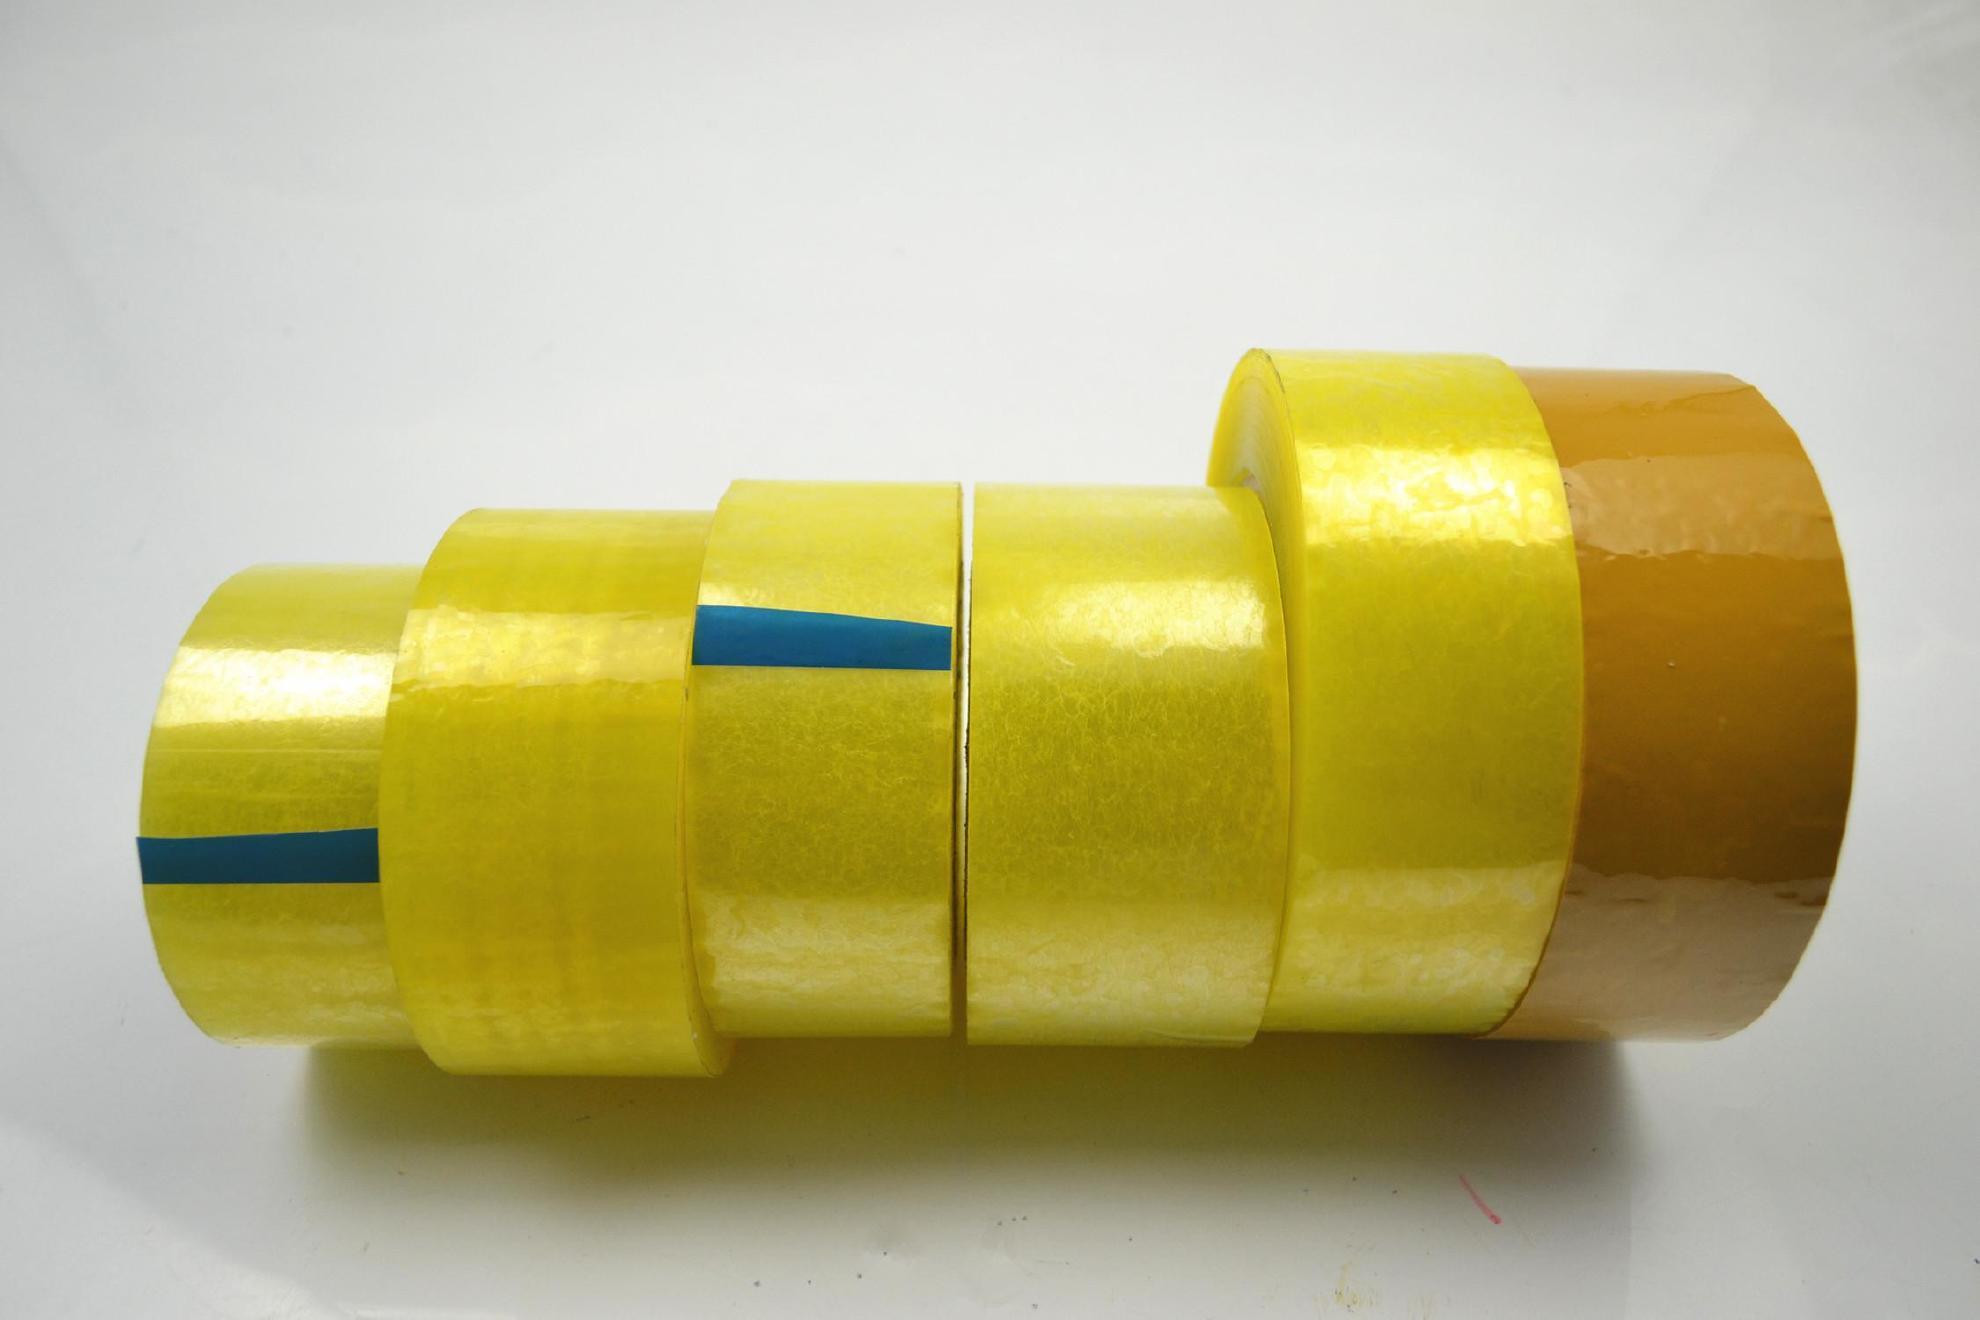 高粘度透明、黄色胶带4cm宽肉厚2.5cm封箱打包胶纸封口胶带批发示例图10